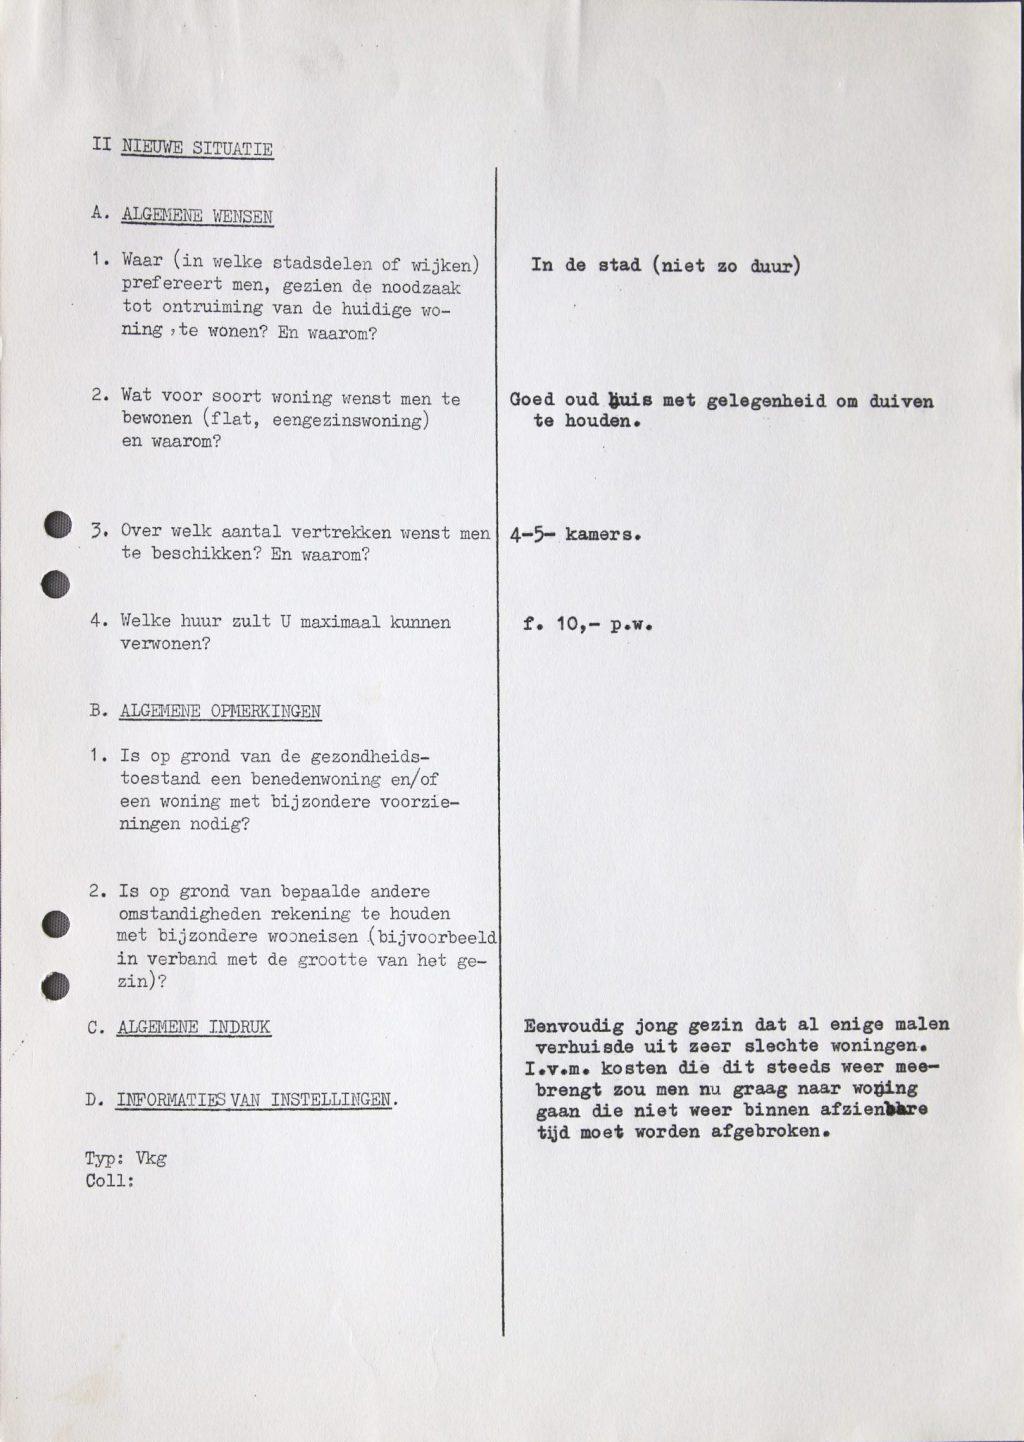 Vragenlijst Sociografisch Bureau voor Pieterstraat 41, ca. 1962-1963 (Archief 653, inv.nr 7471)